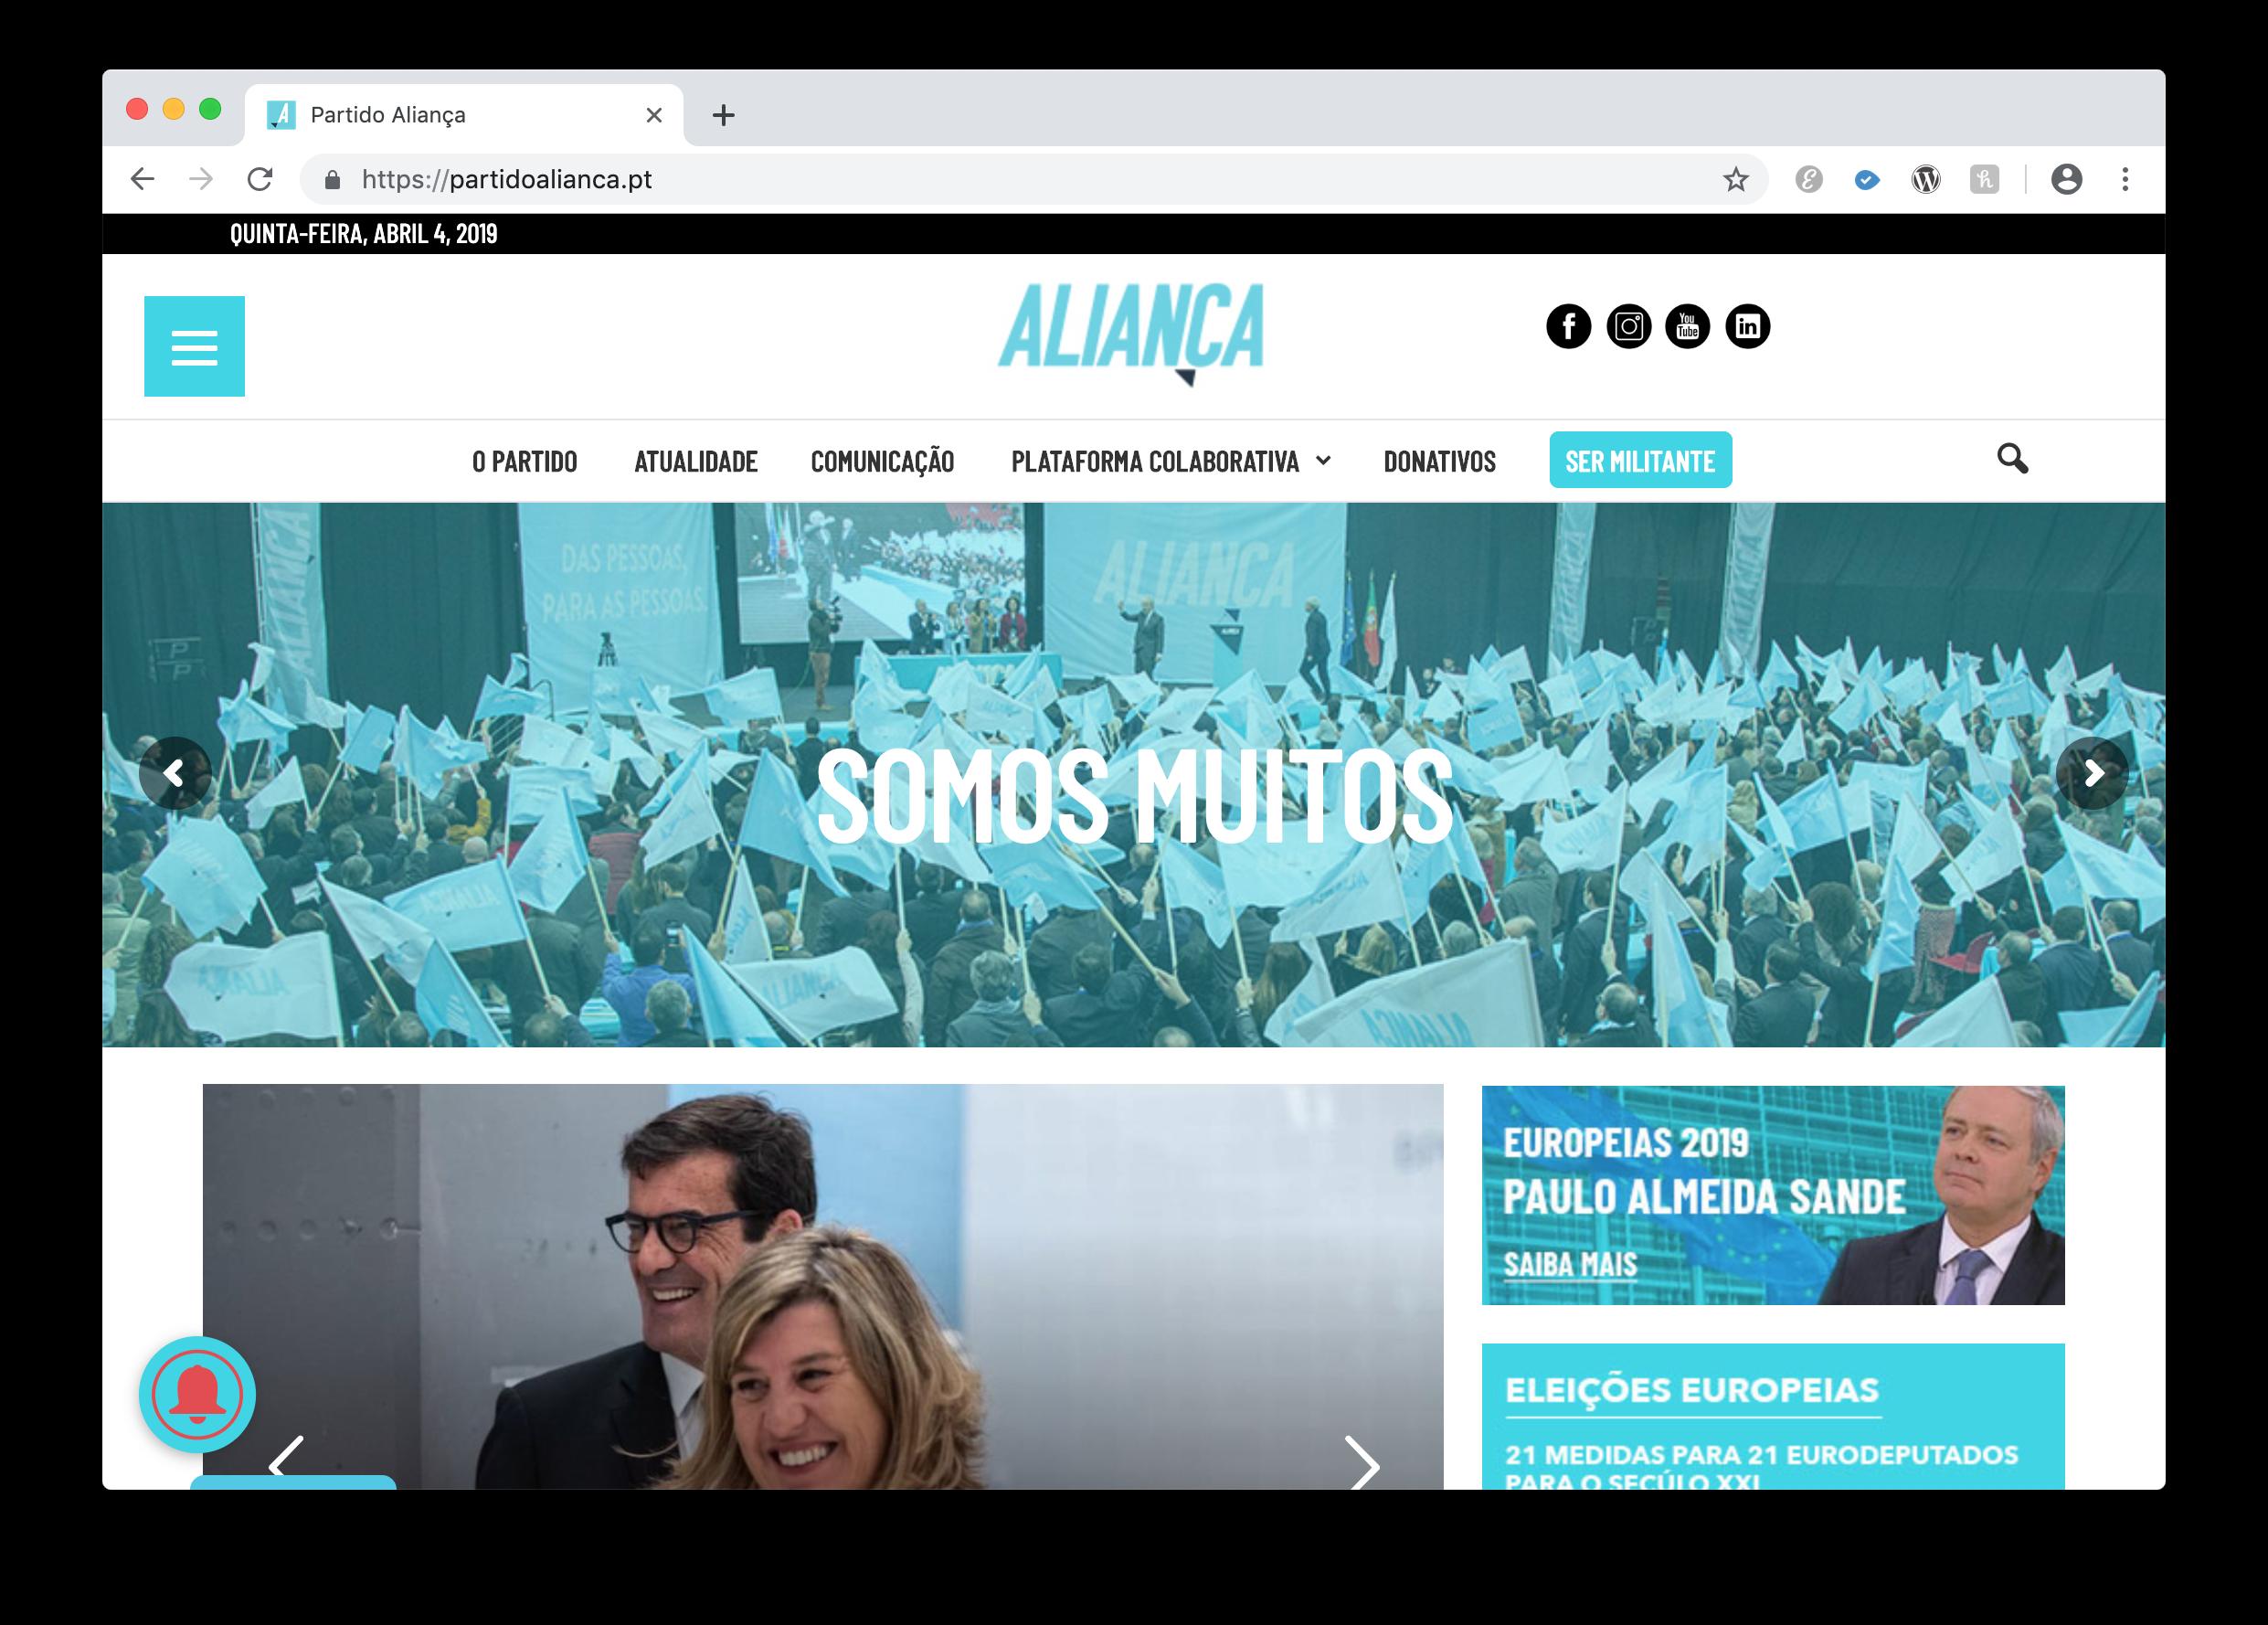 alianca-01